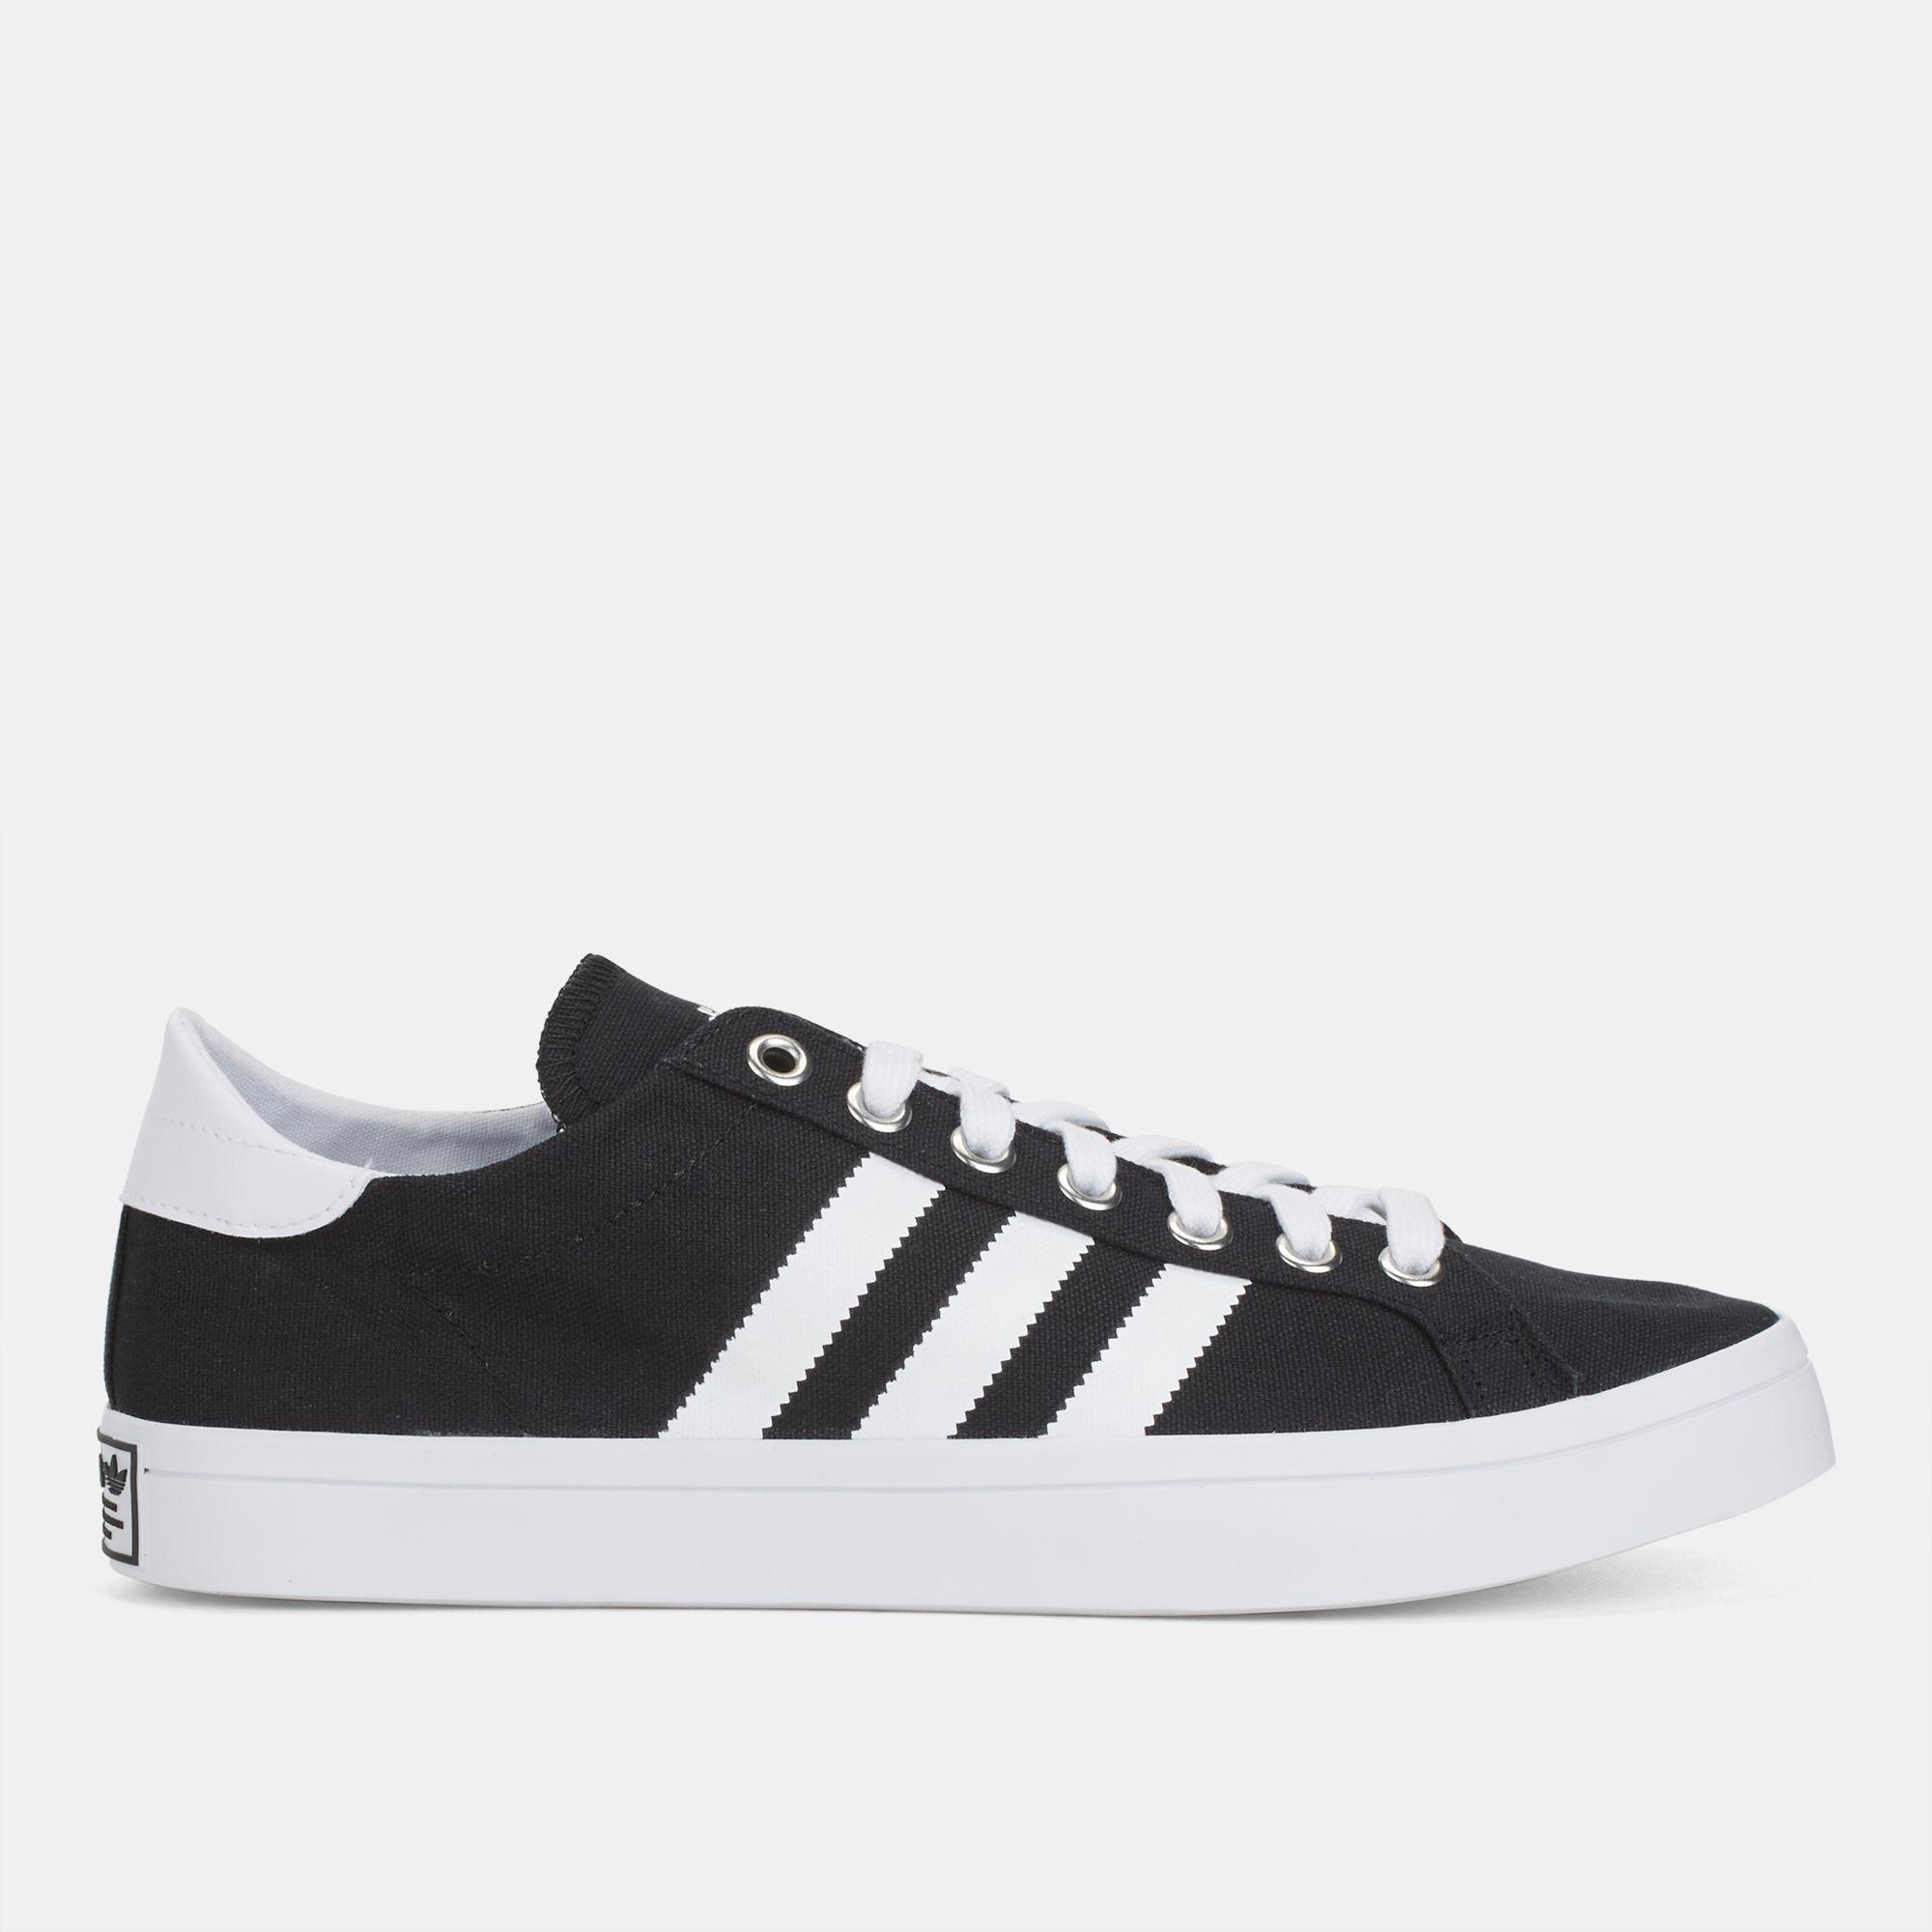 Adidas Originals Court Vantage zapatos zapatillas zapatos hombres venta